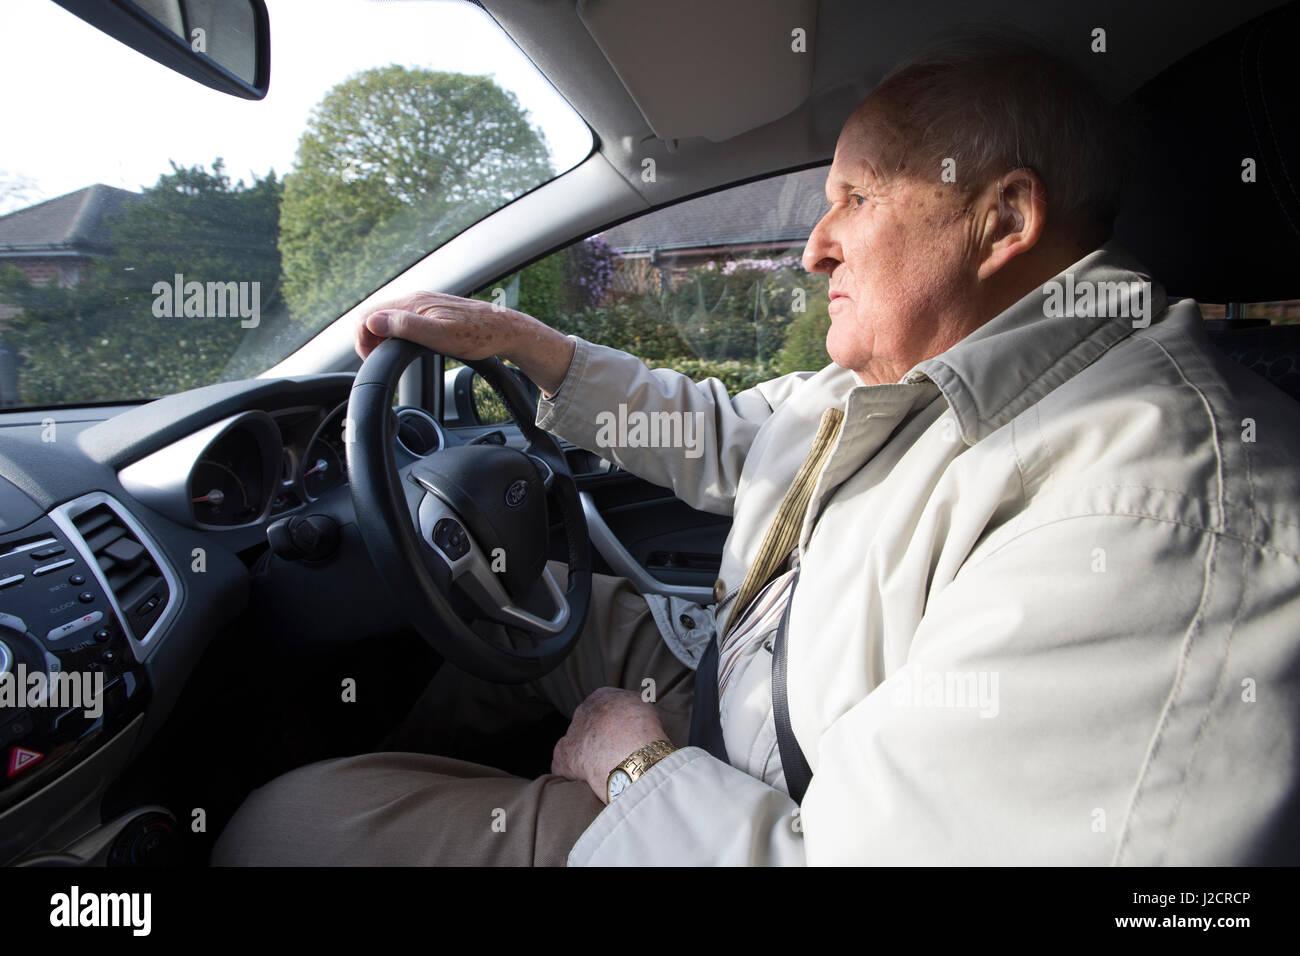 Uomo anziano nei suoi anni ottanta alla guida di una vettura, England, Regno Unito Immagini Stock